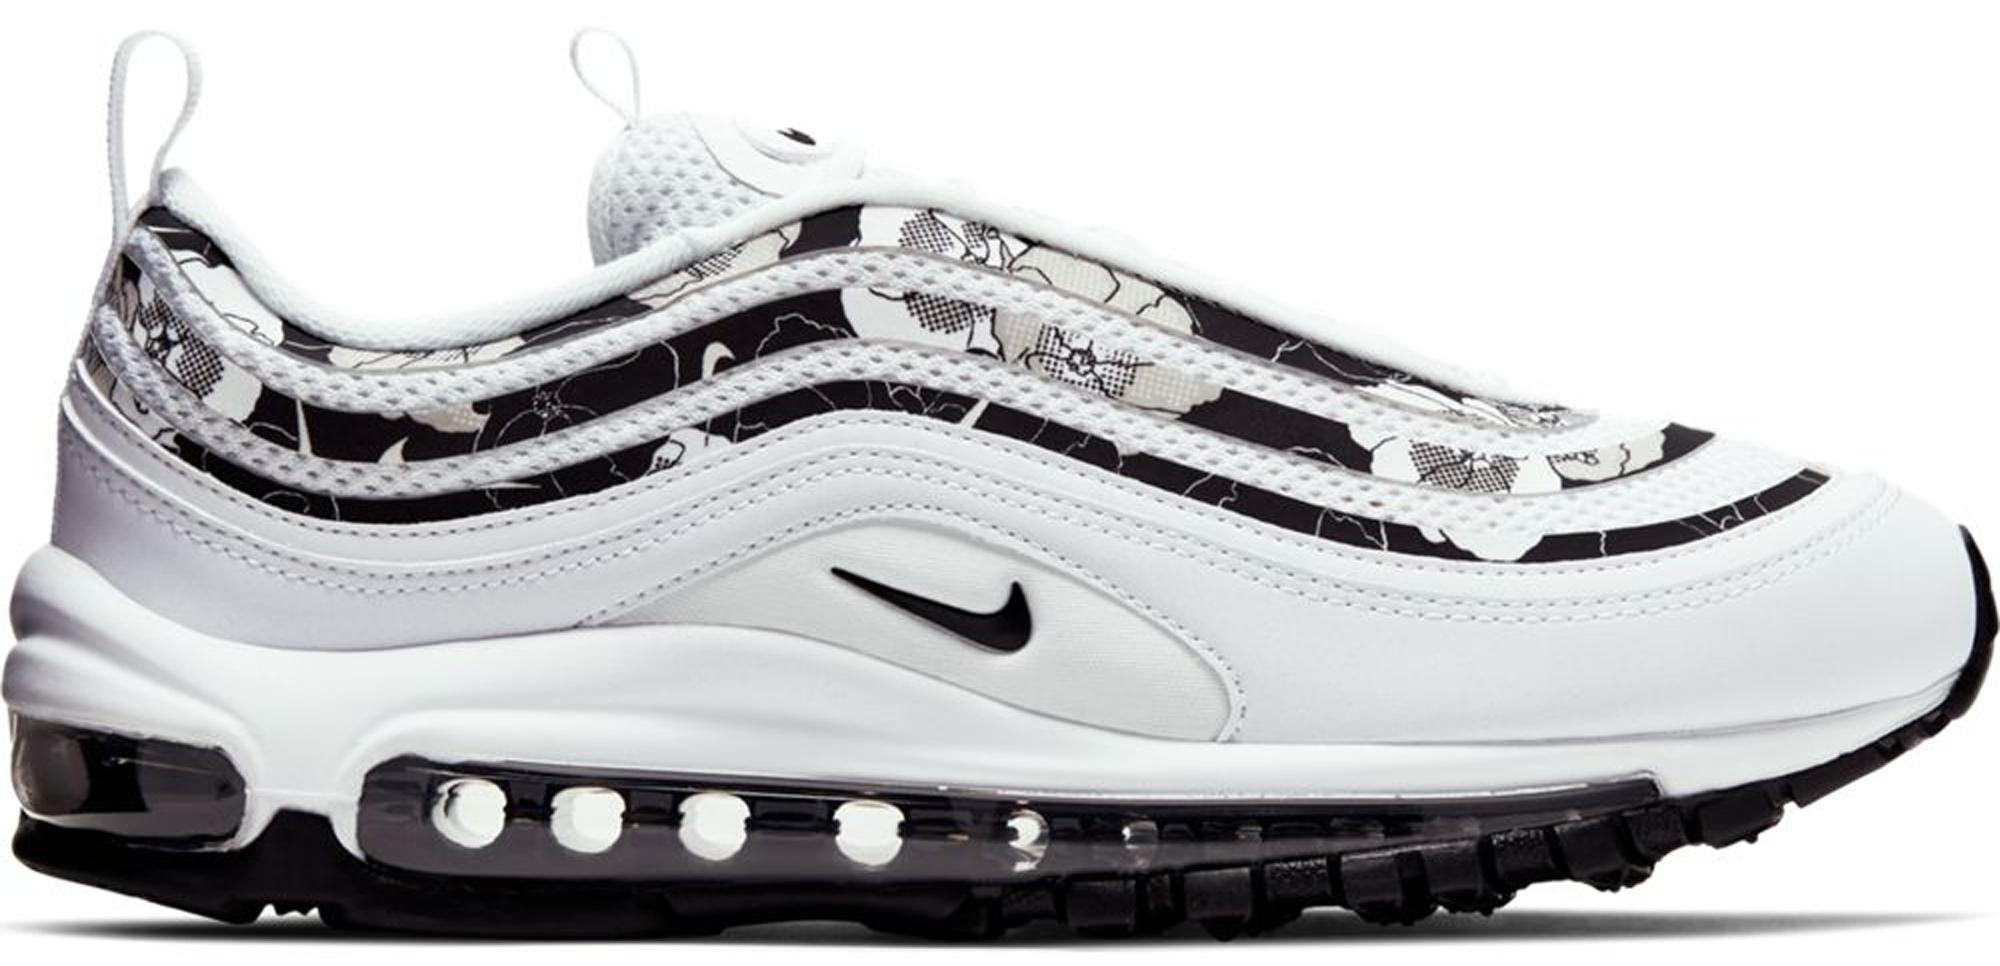 Nike Air Max 97 Floral White (W